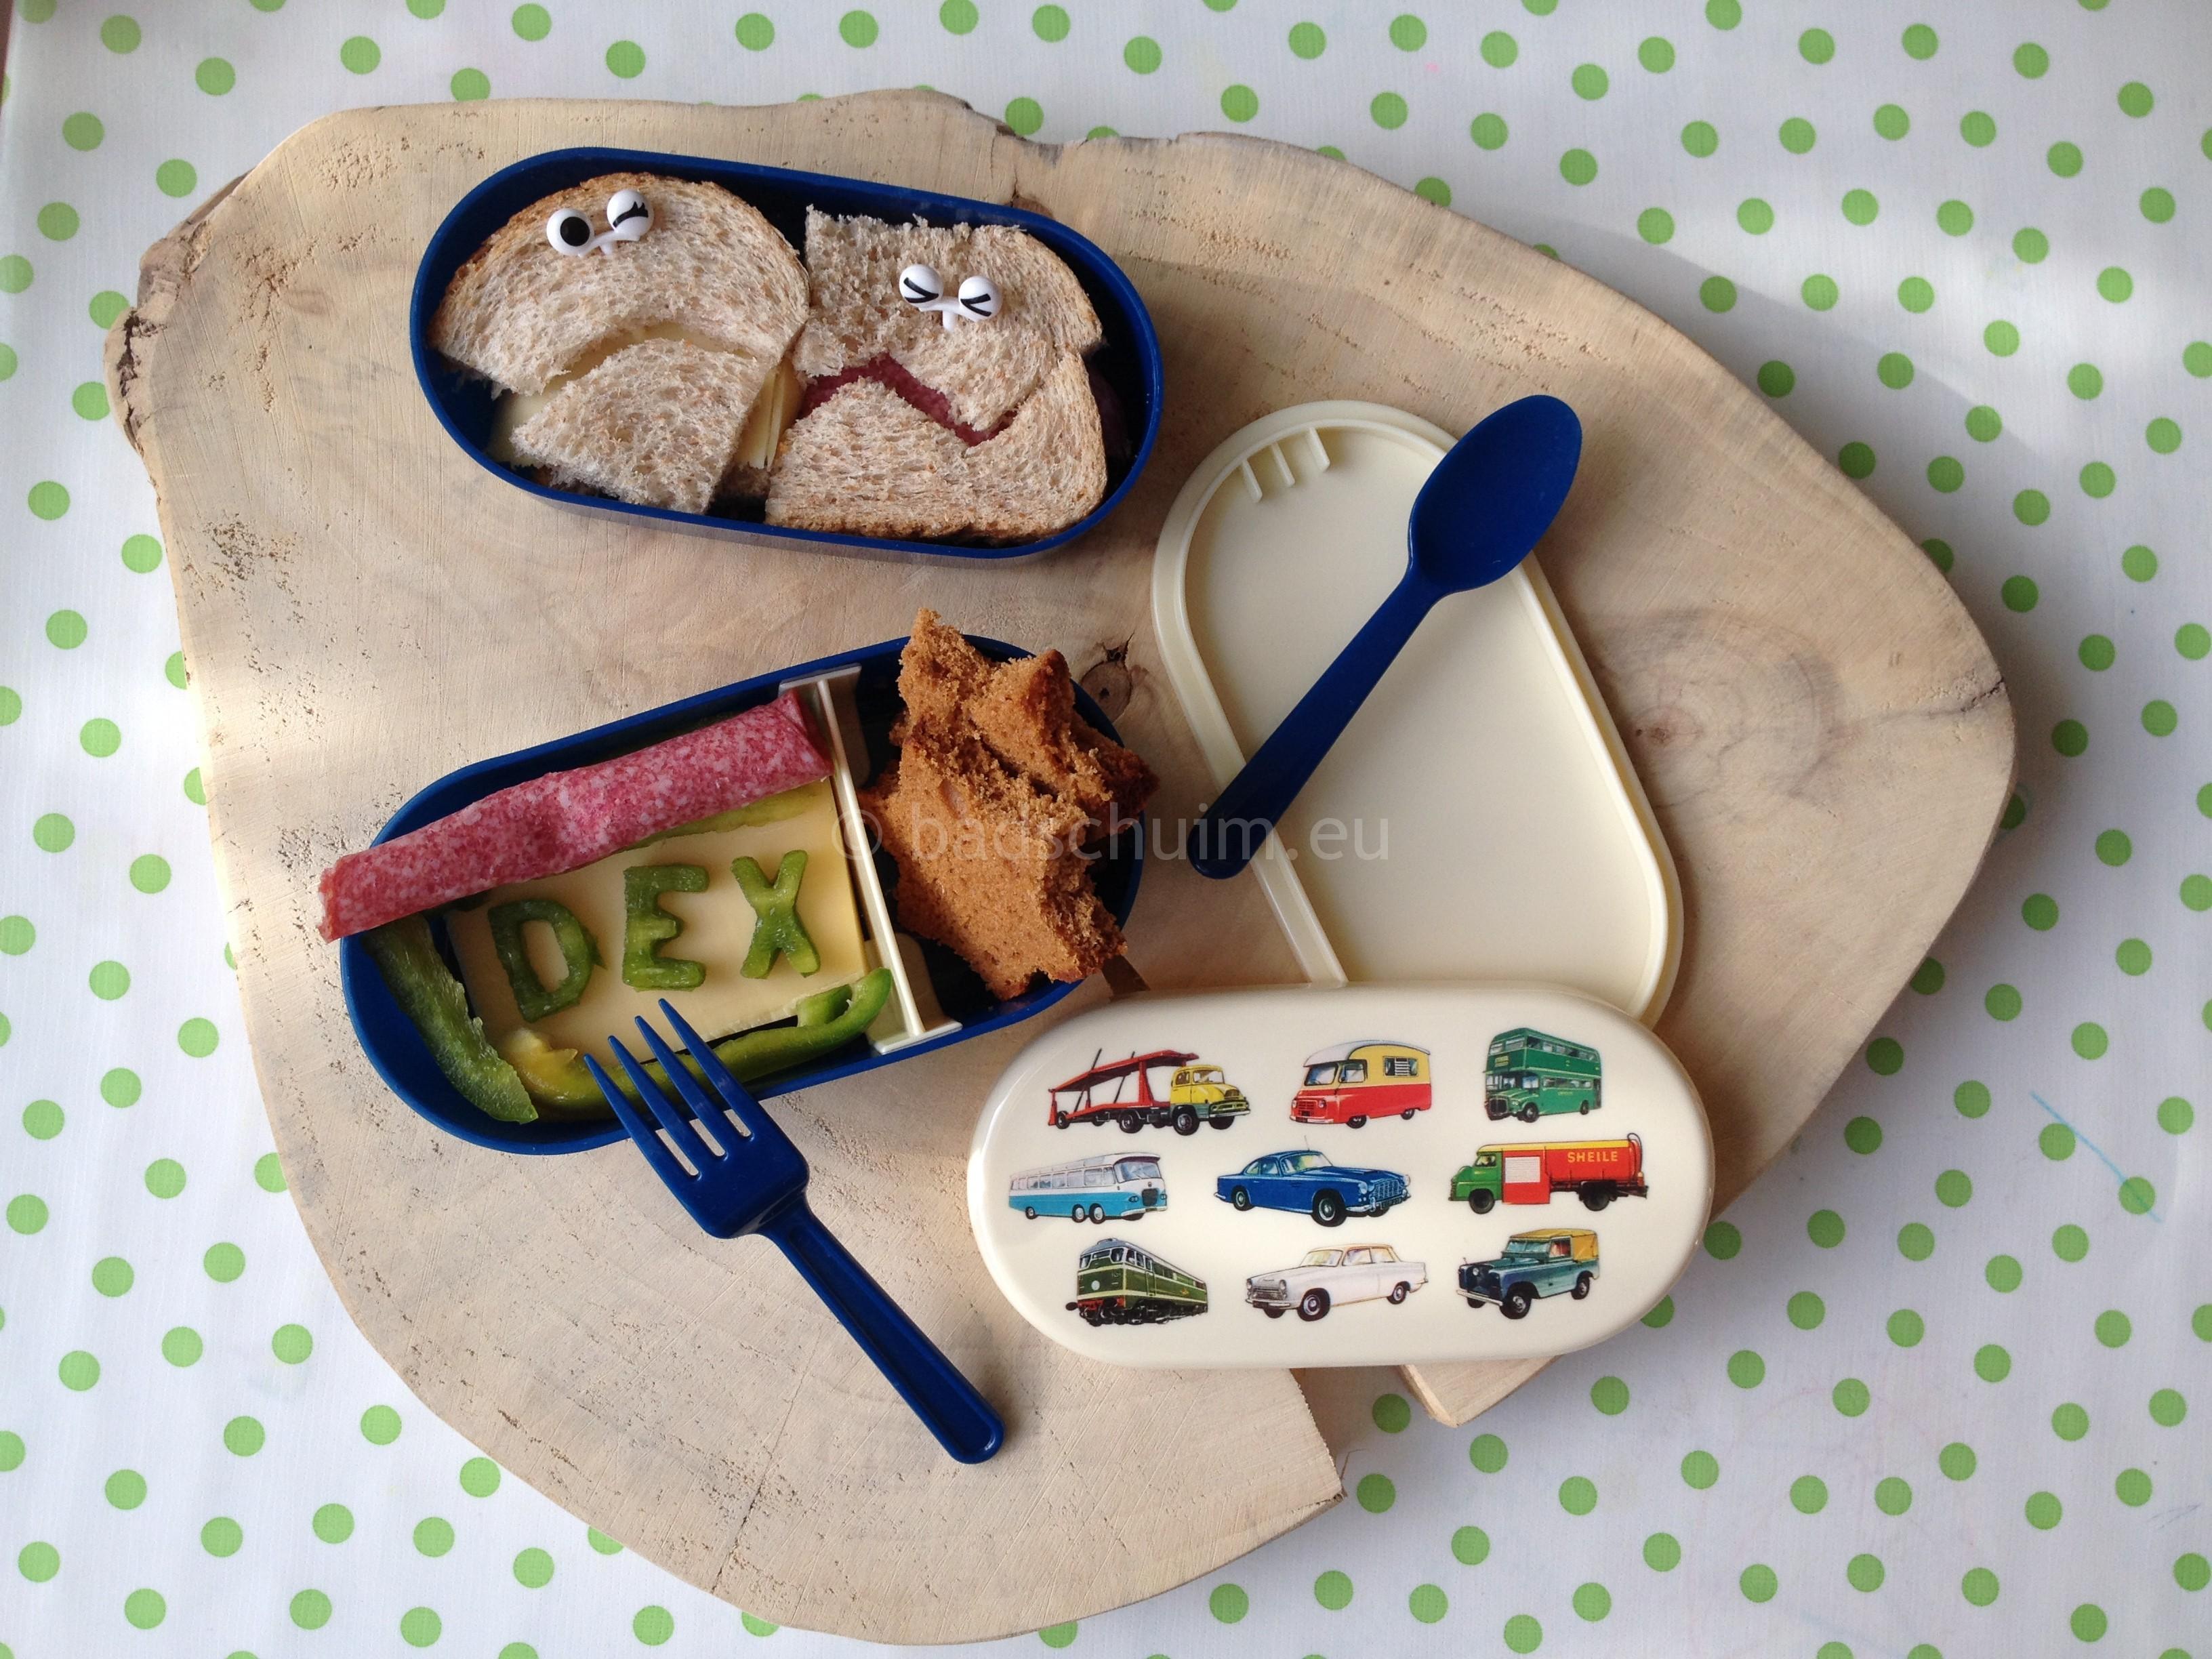 Broodtrommel ideeen met een bento lunchbox